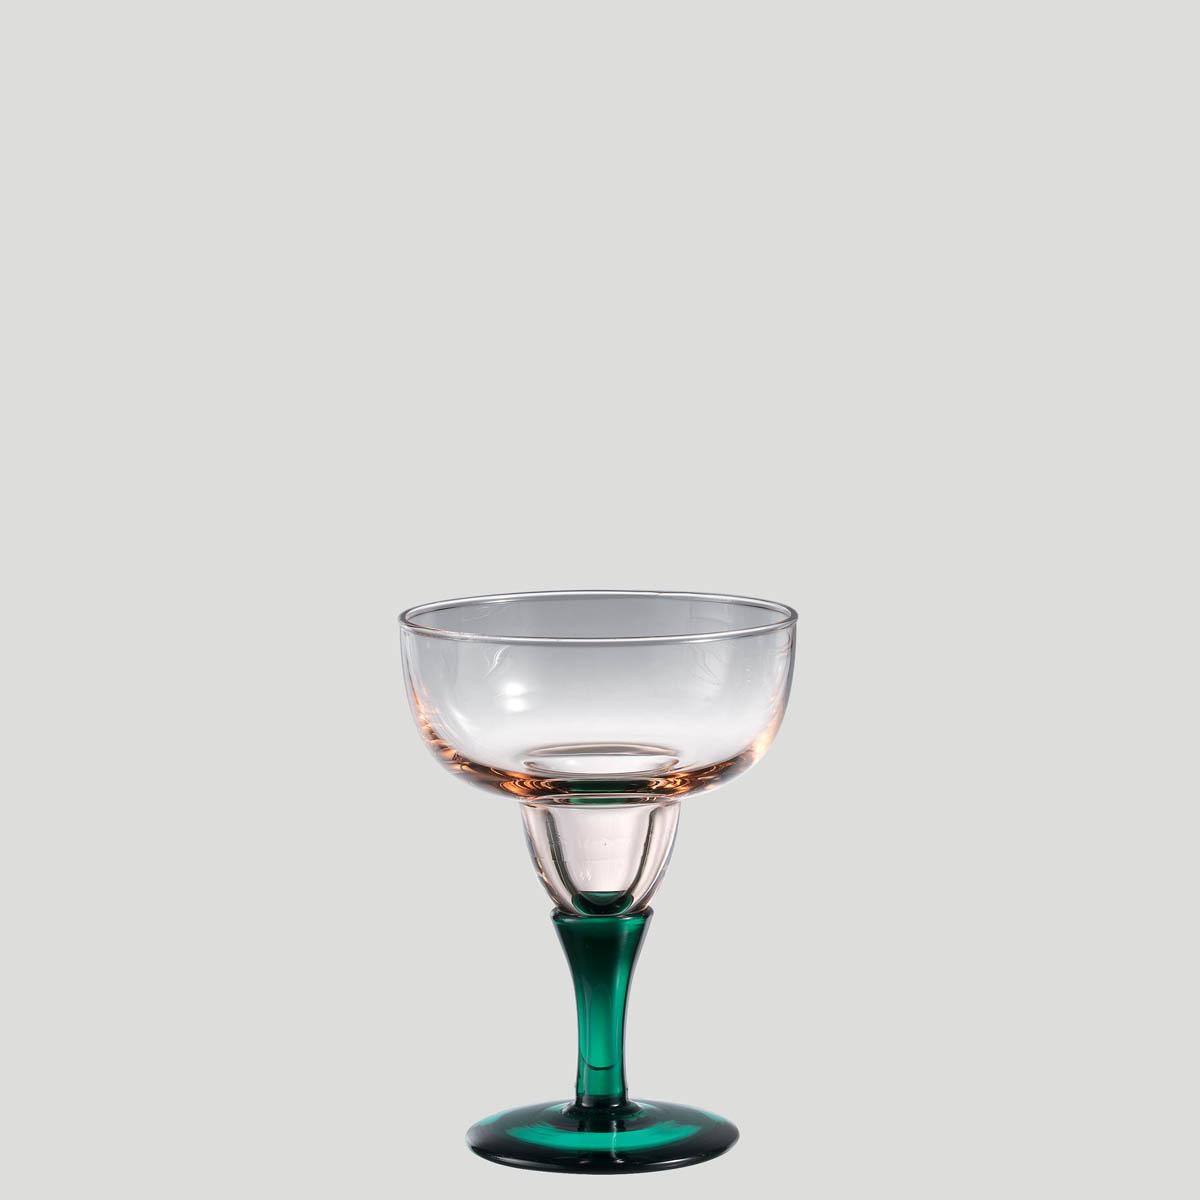 Coppa Margherita media - coppa per gelato in vetro - Gardagel